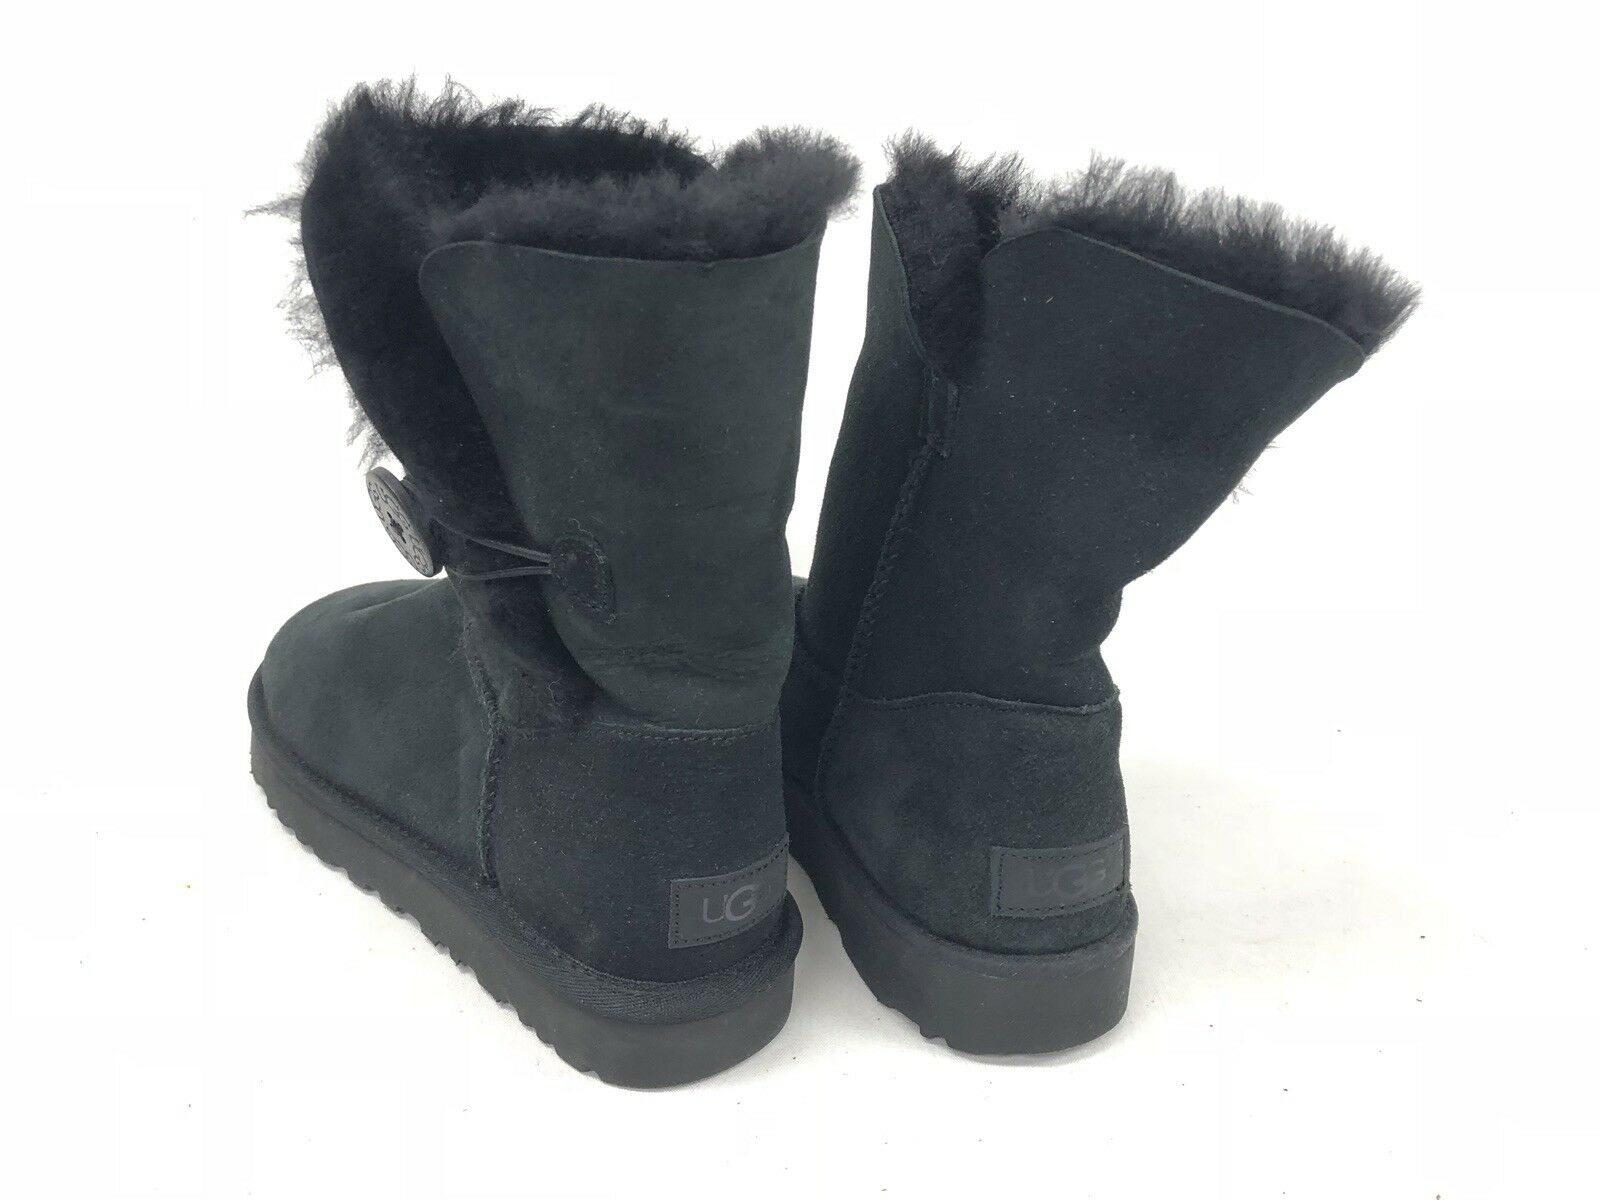 DE COLLI zapatos de cordones mujer 2STEEL105 en en 2STEEL105 negro invierno 2017 ba0ef9